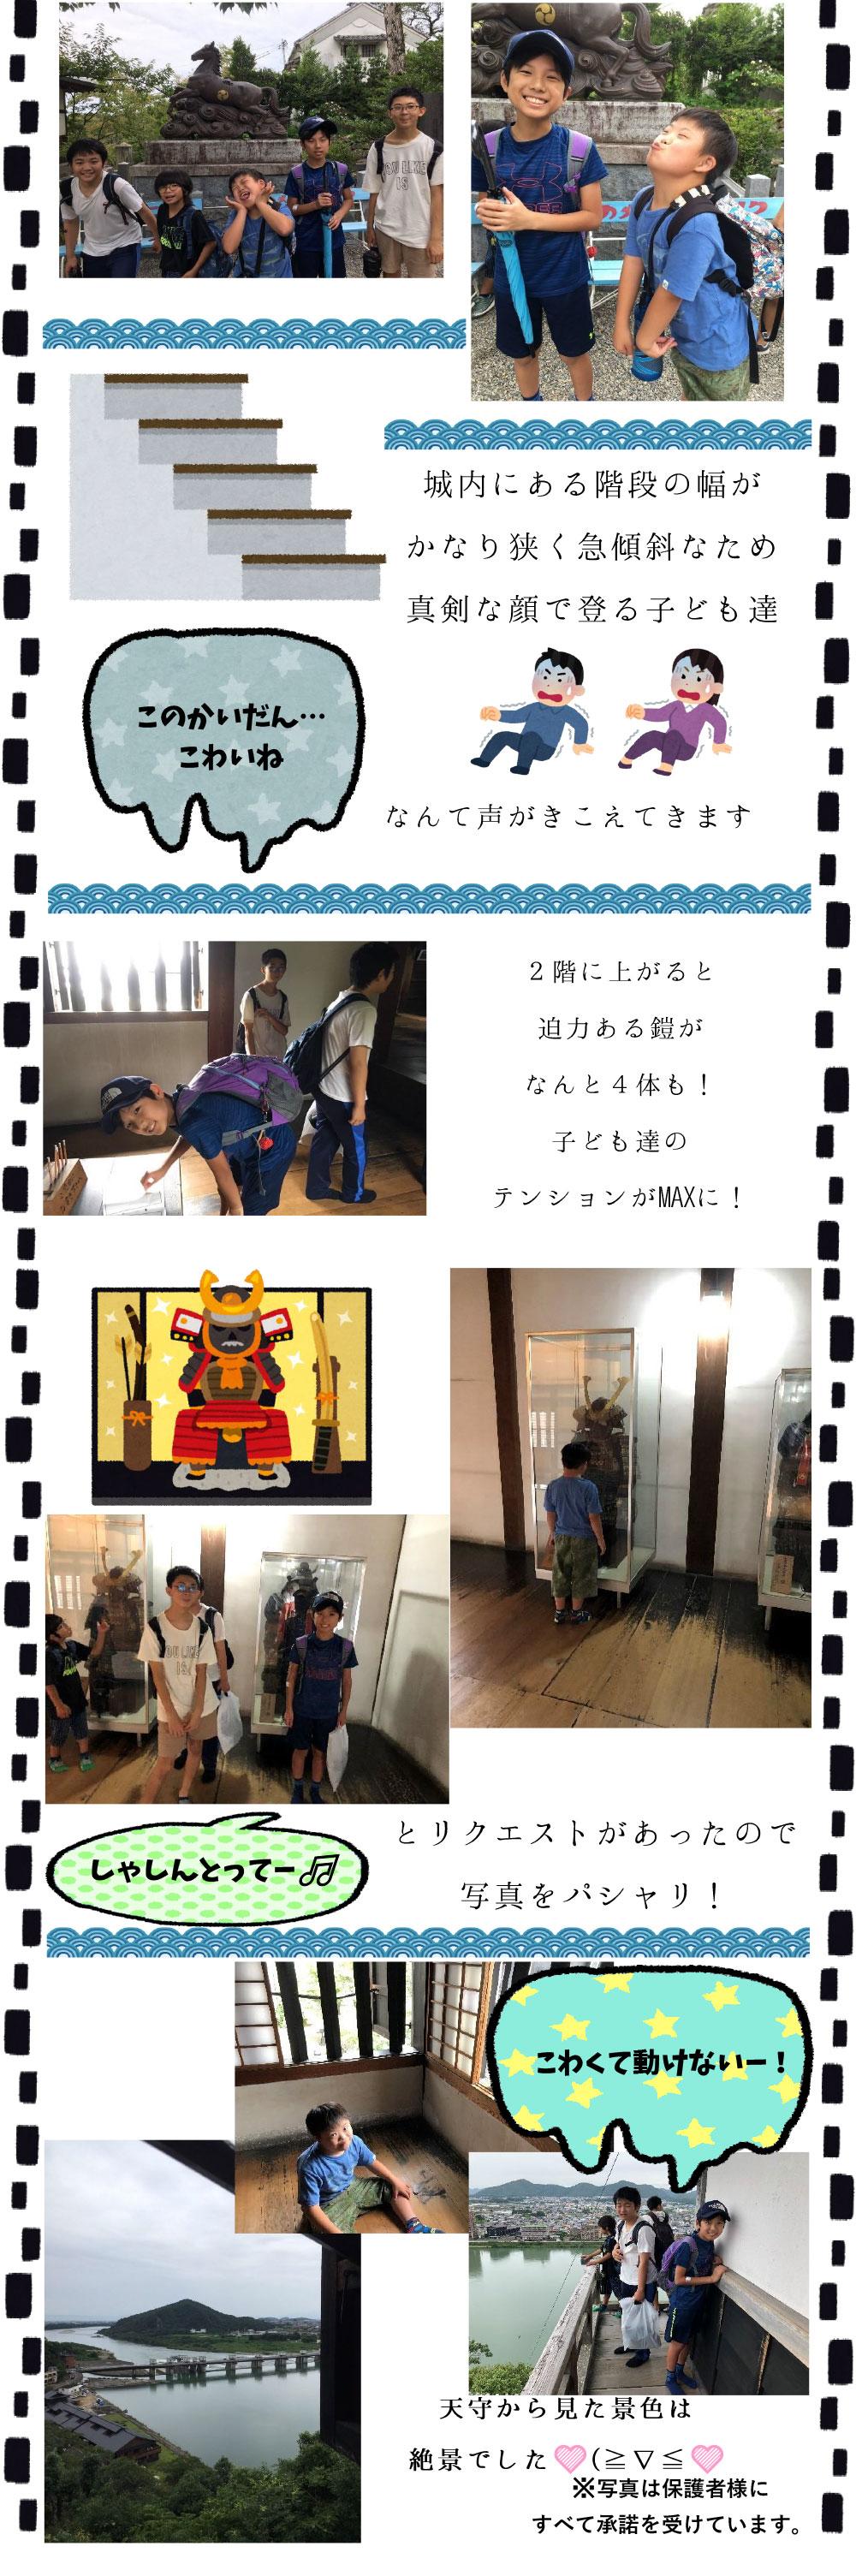 国宝犬山城編02画像